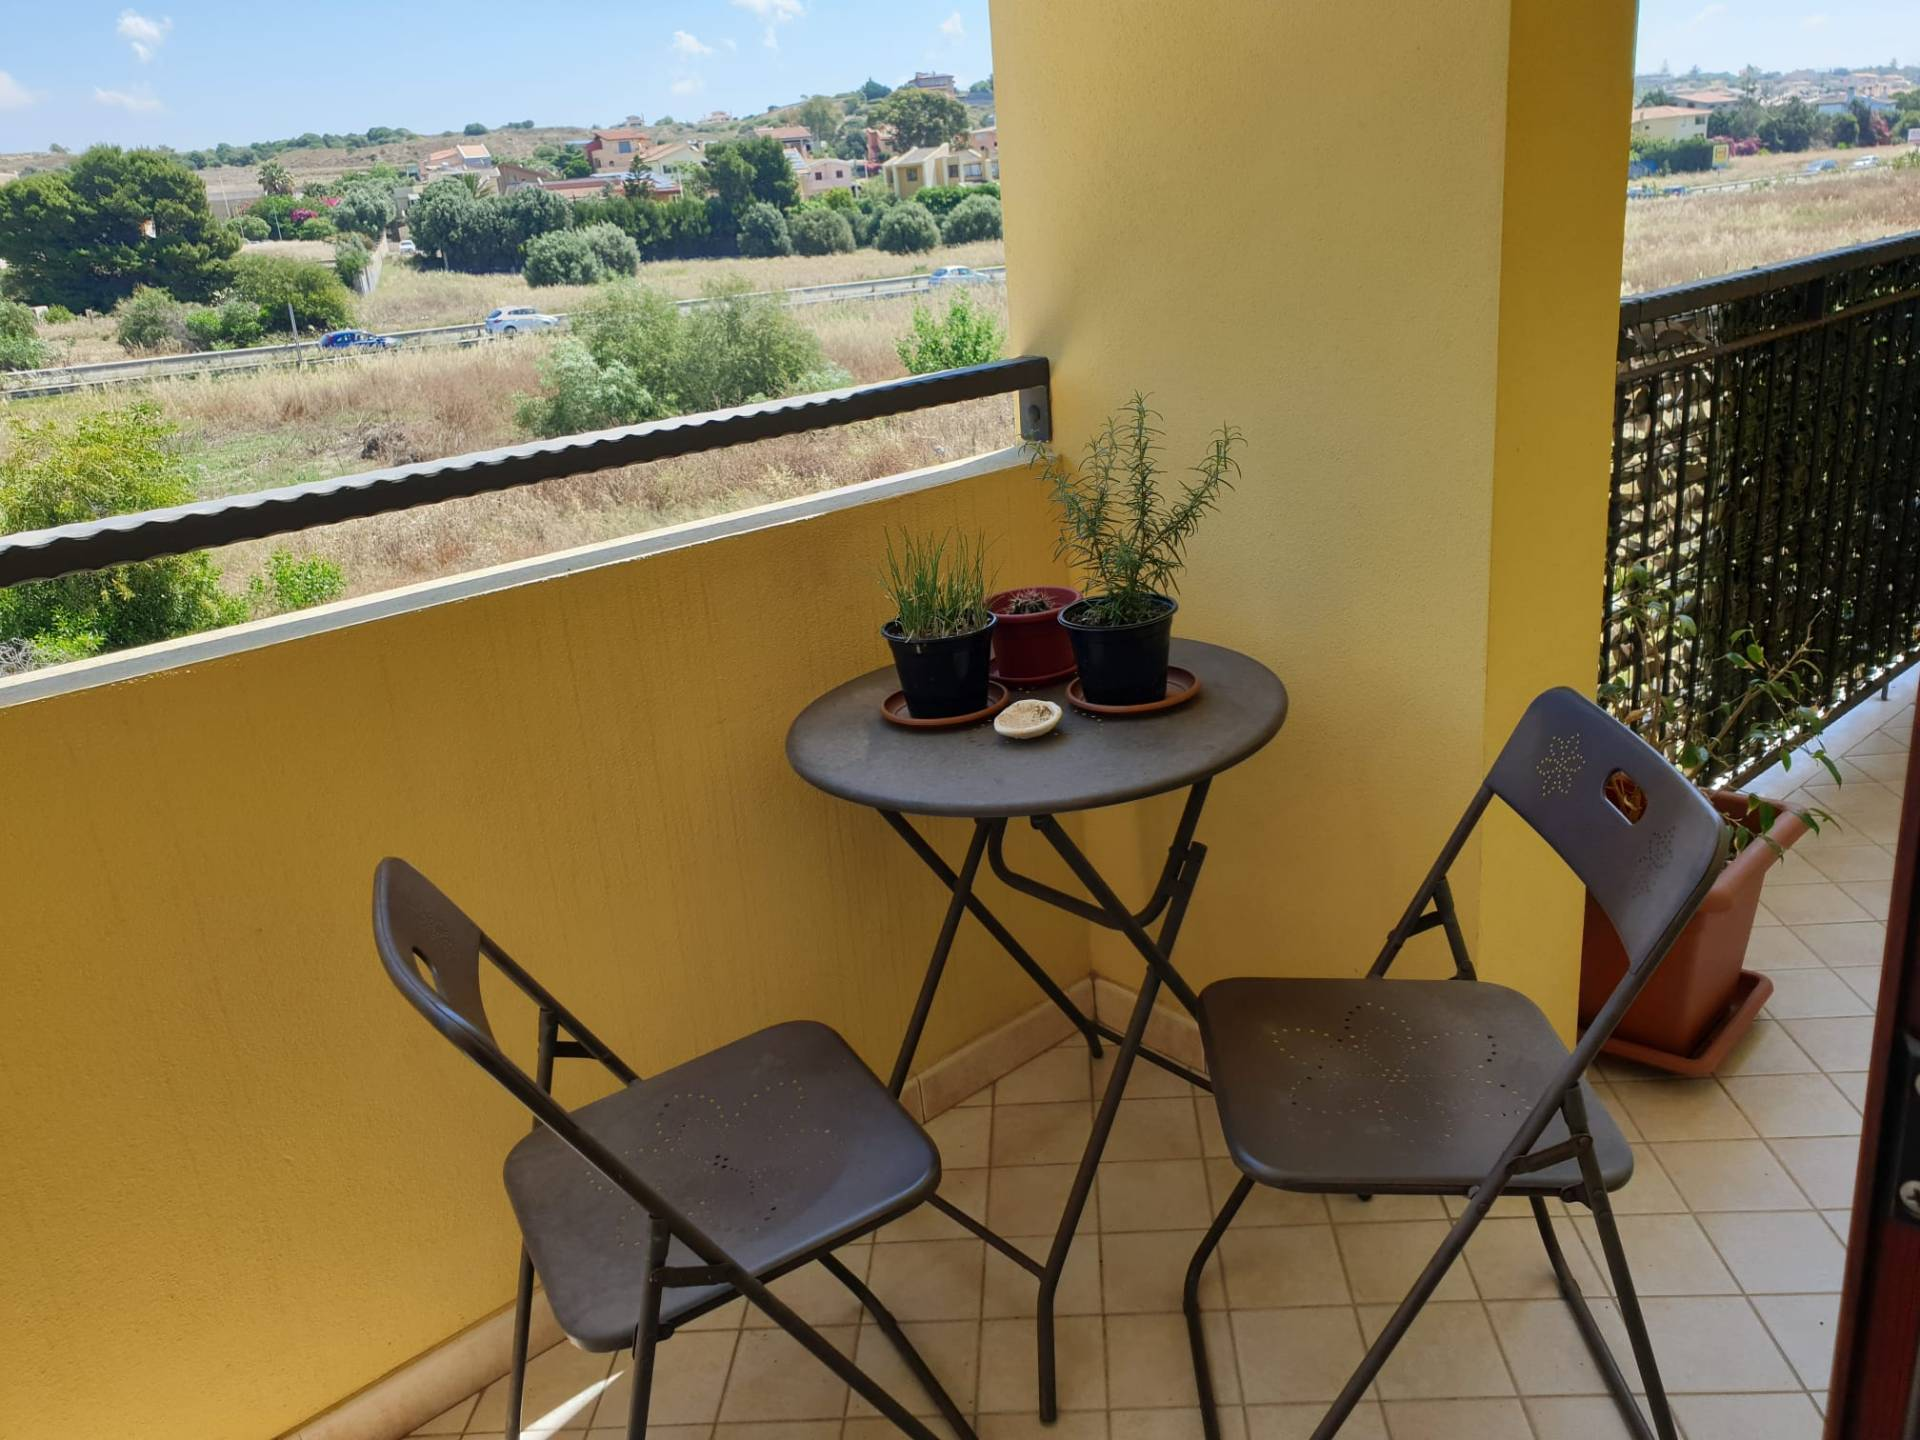 Appartamento in vendita a Quartu Sant'Elena, 2 locali, zona Località: Quartello, prezzo € 129.000   PortaleAgenzieImmobiliari.it